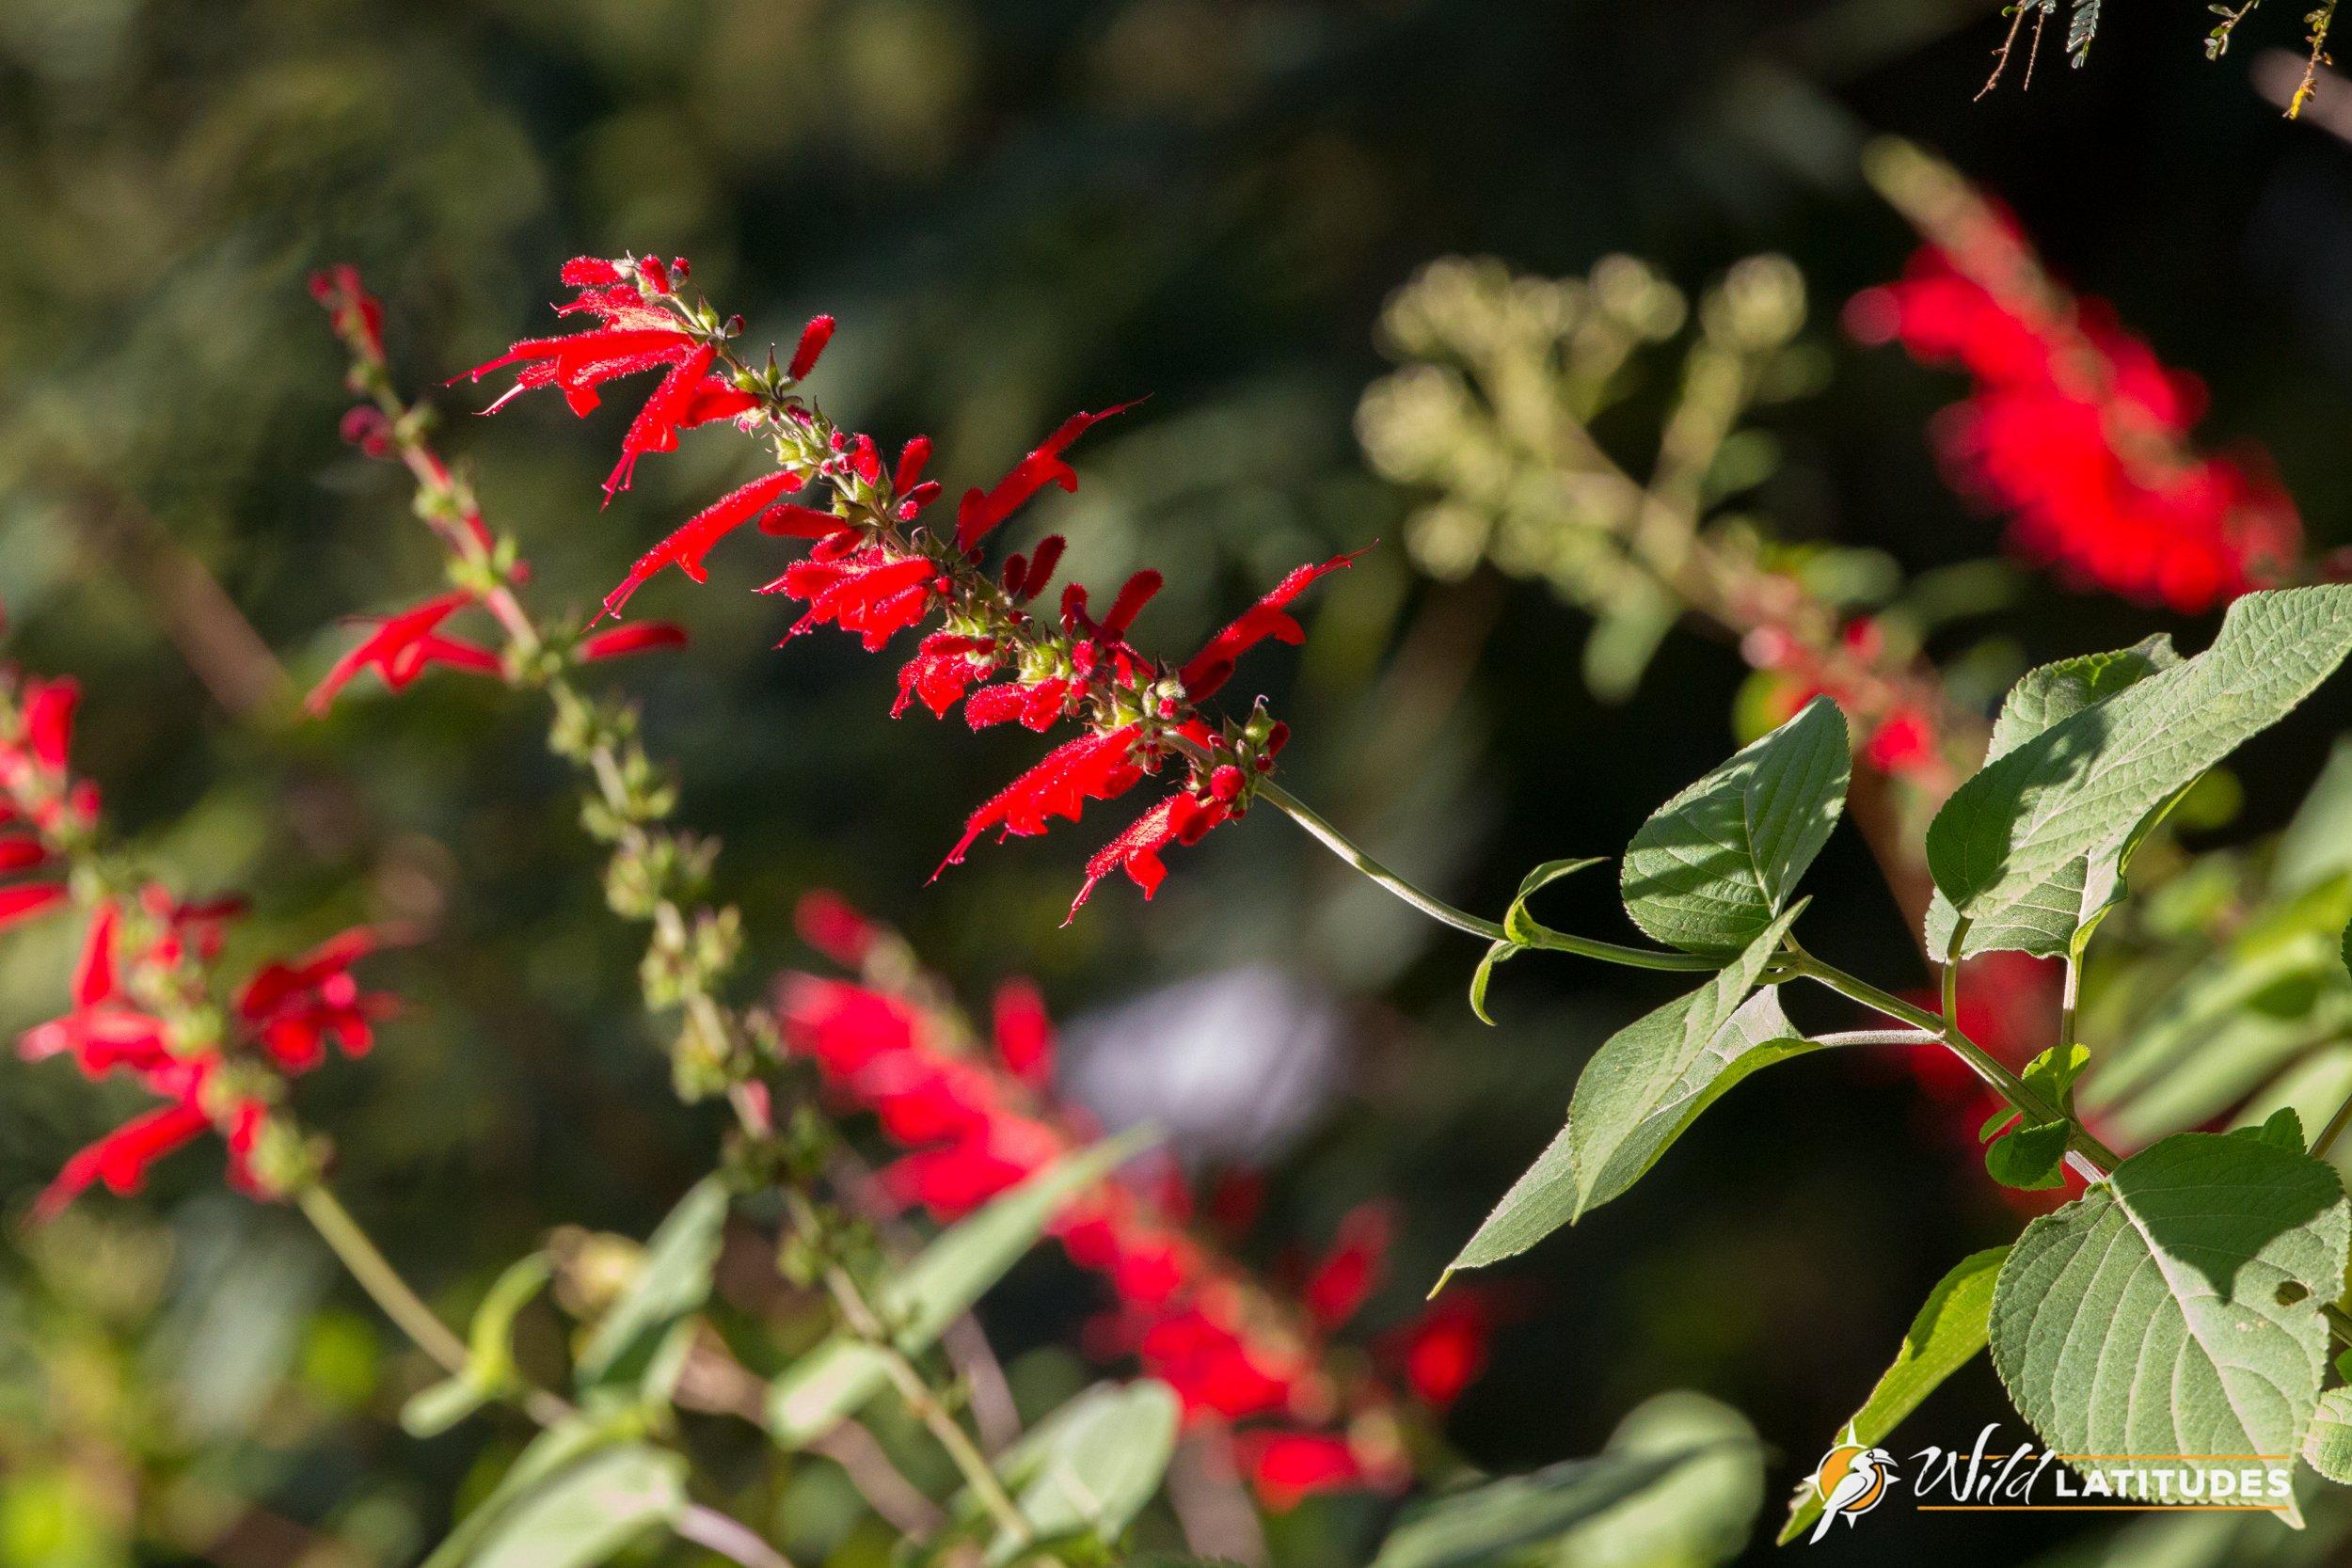 Cinnabar Sage (Salvia cinnabarina)